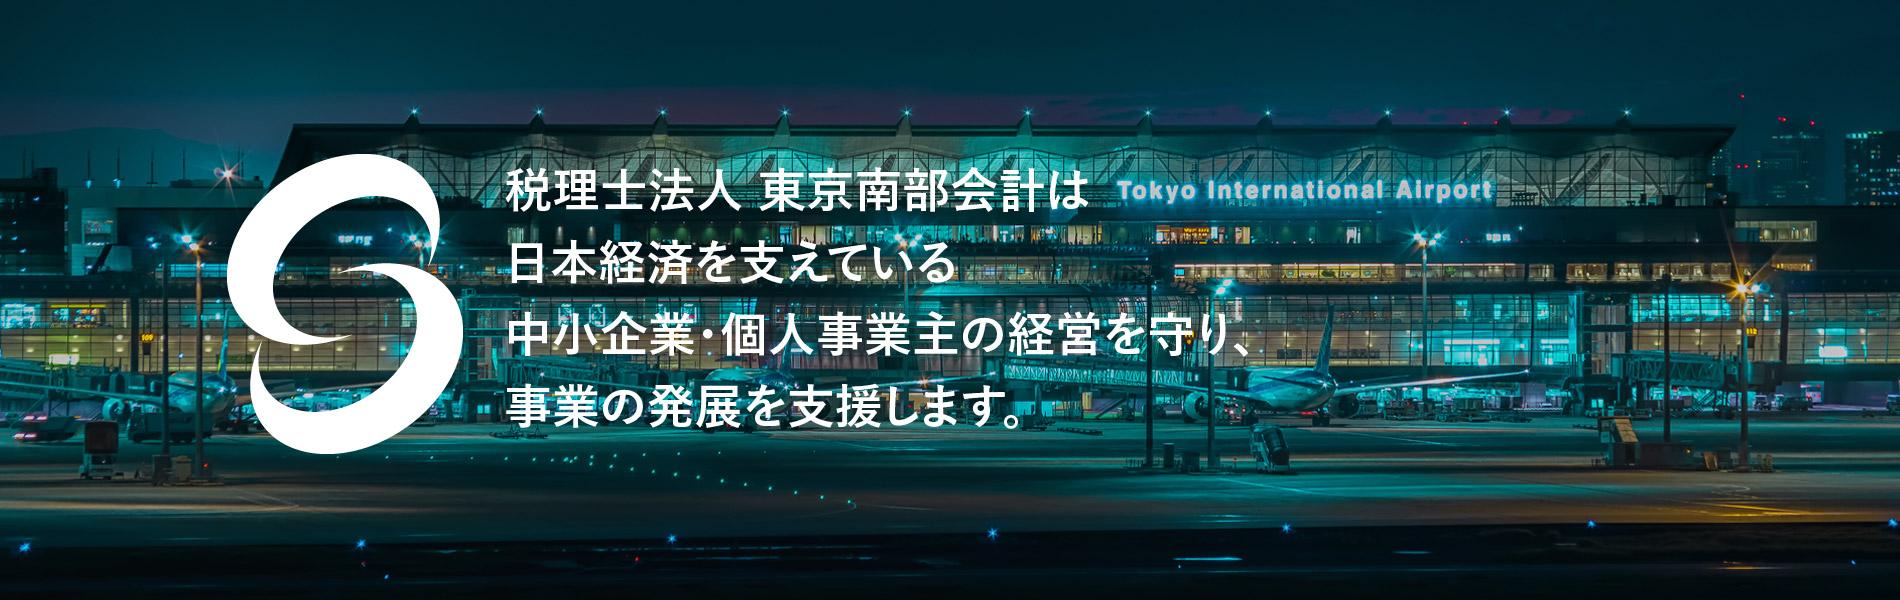 税理士法人 東京南部会計は日本経済を支えている中小企業・個人事業主の経営を守り、事業の発展を支援します。